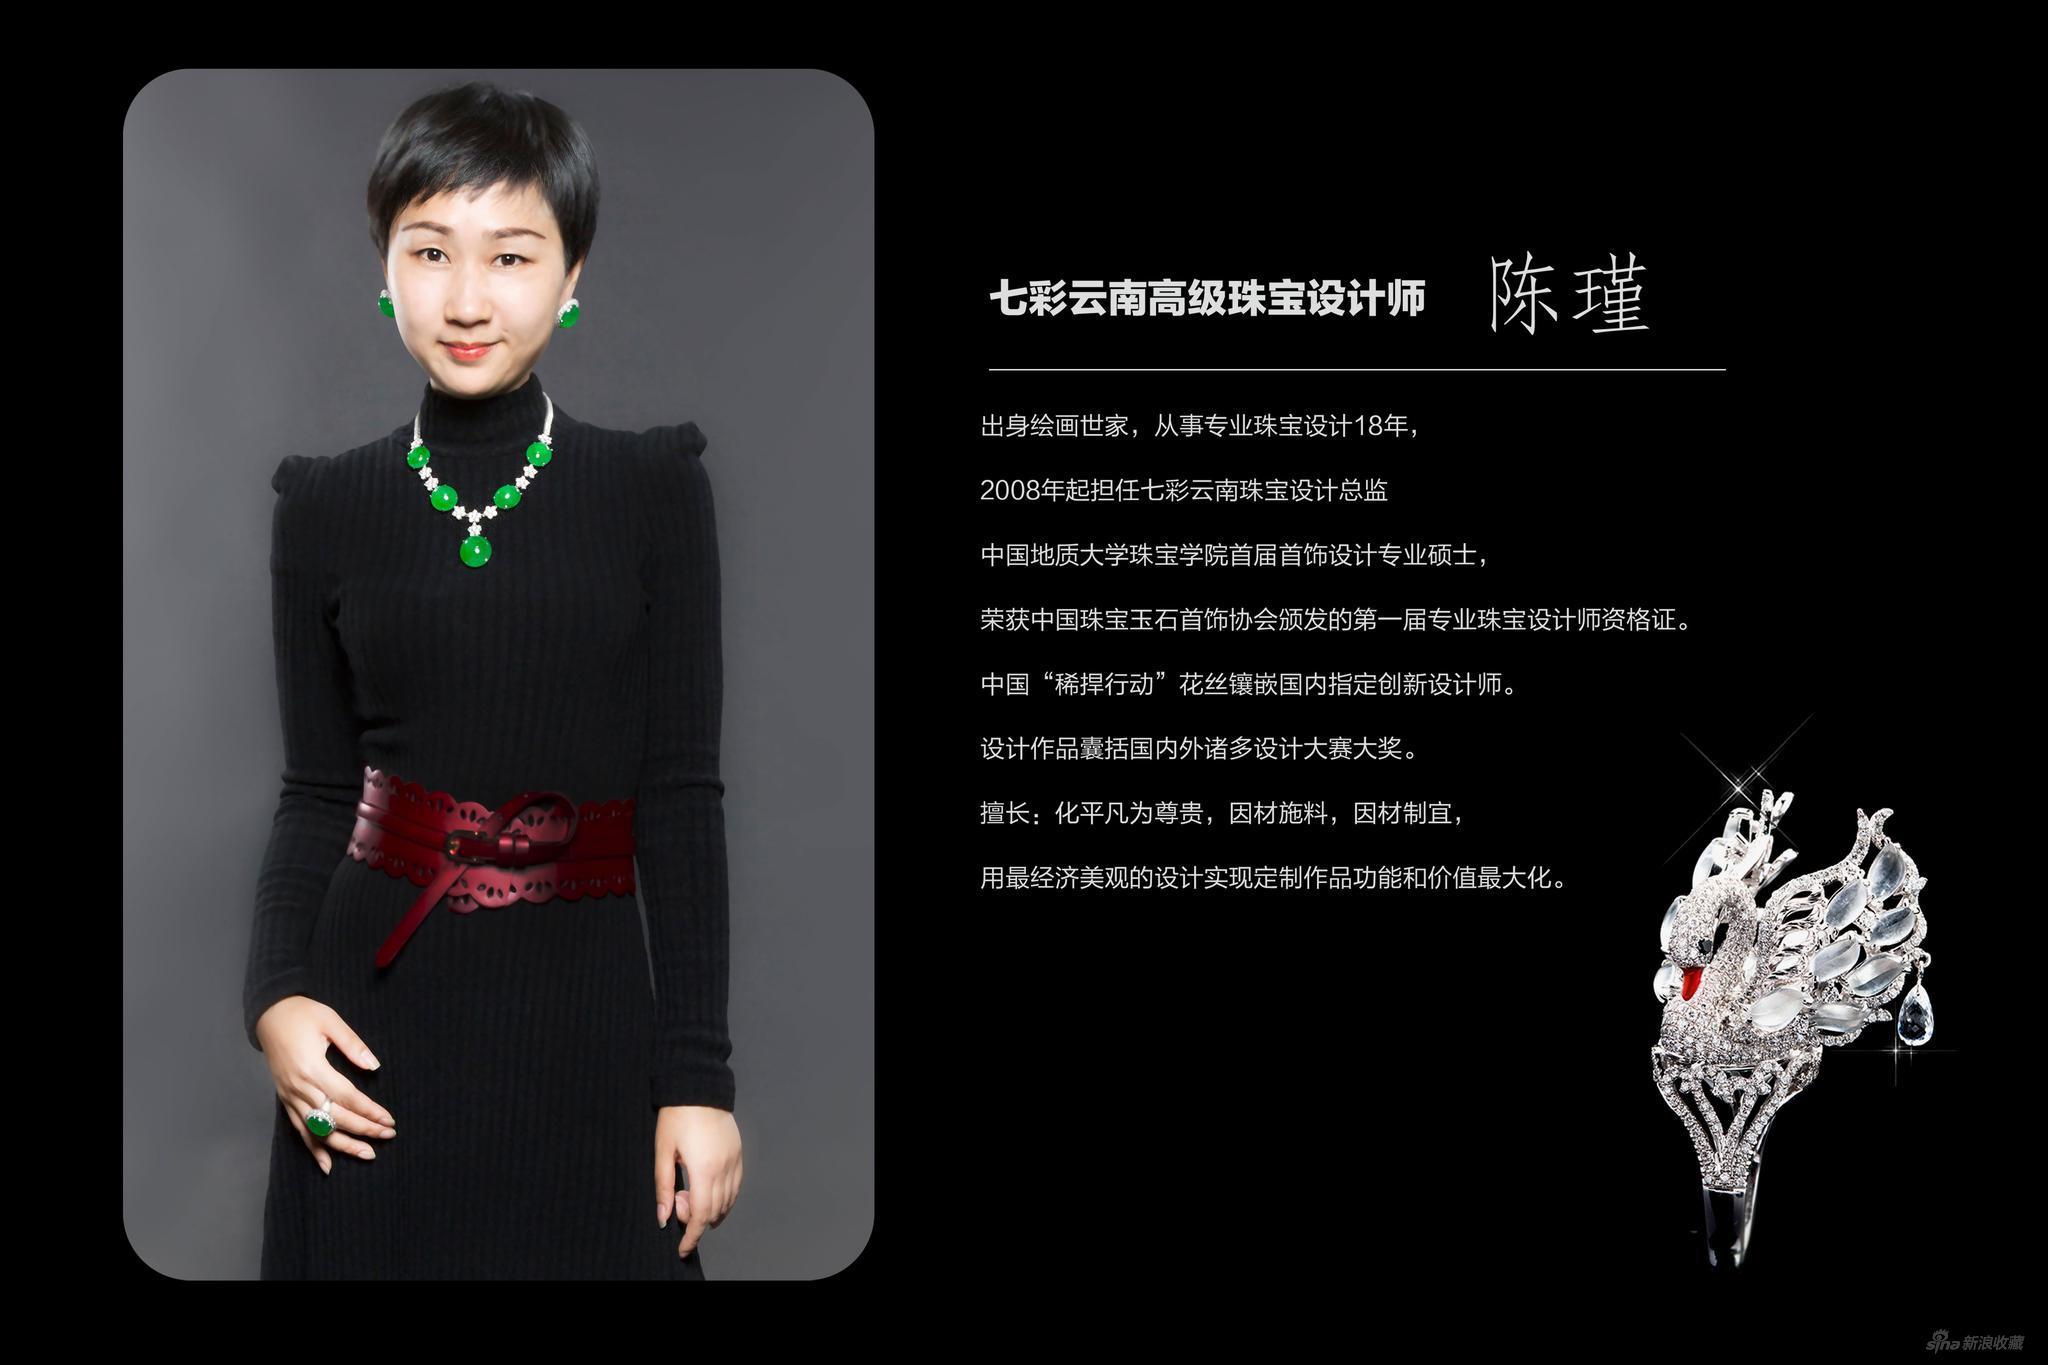 北京七彩云南珠宝设计陈瑾总监简介